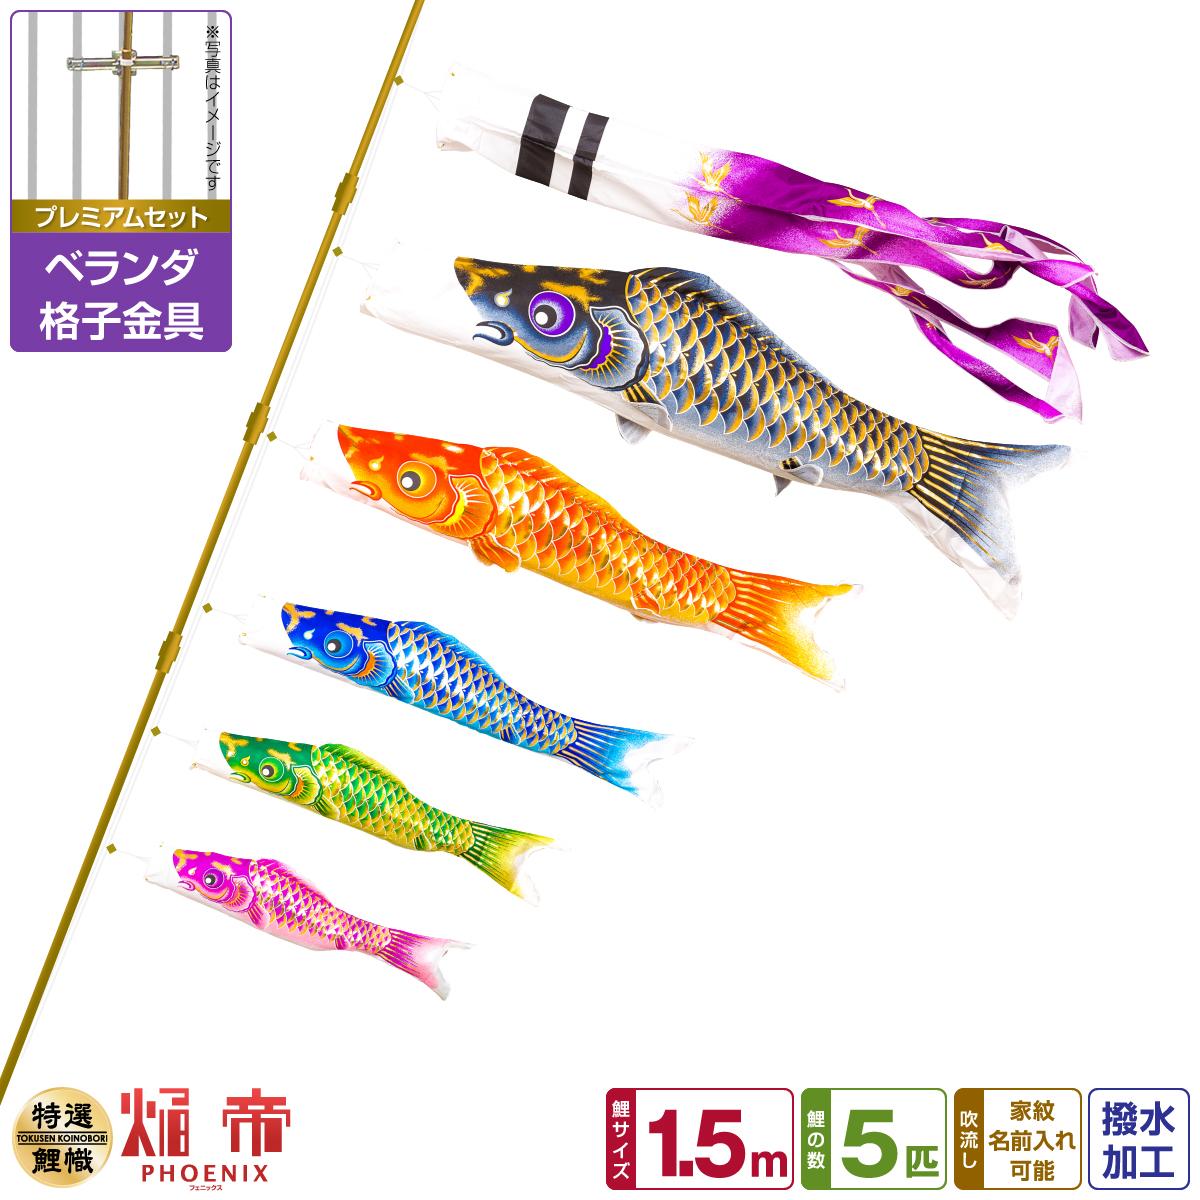 ベランダ用 こいのぼり 鯉のぼり 焔帝鯉フェニックス 1.5m 8点(吹流し+鯉5匹+矢車+ロープ)/プレミアムセット(格子金具)